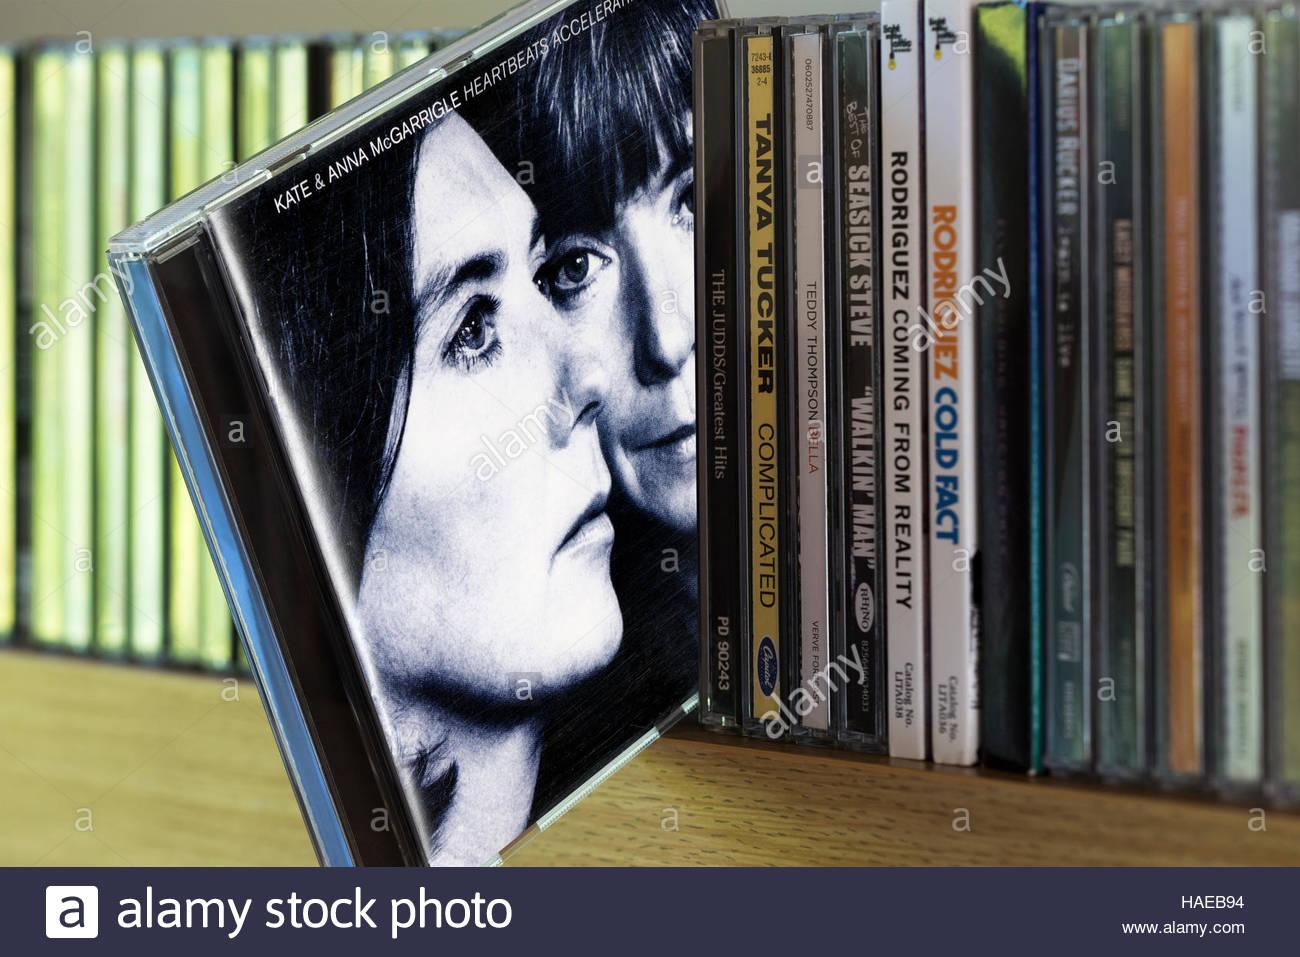 Heartbeats accelerando, Kate e Anna McGarrigle CD tirata fuori da tra gli altri CD su un ripiano Immagini Stock